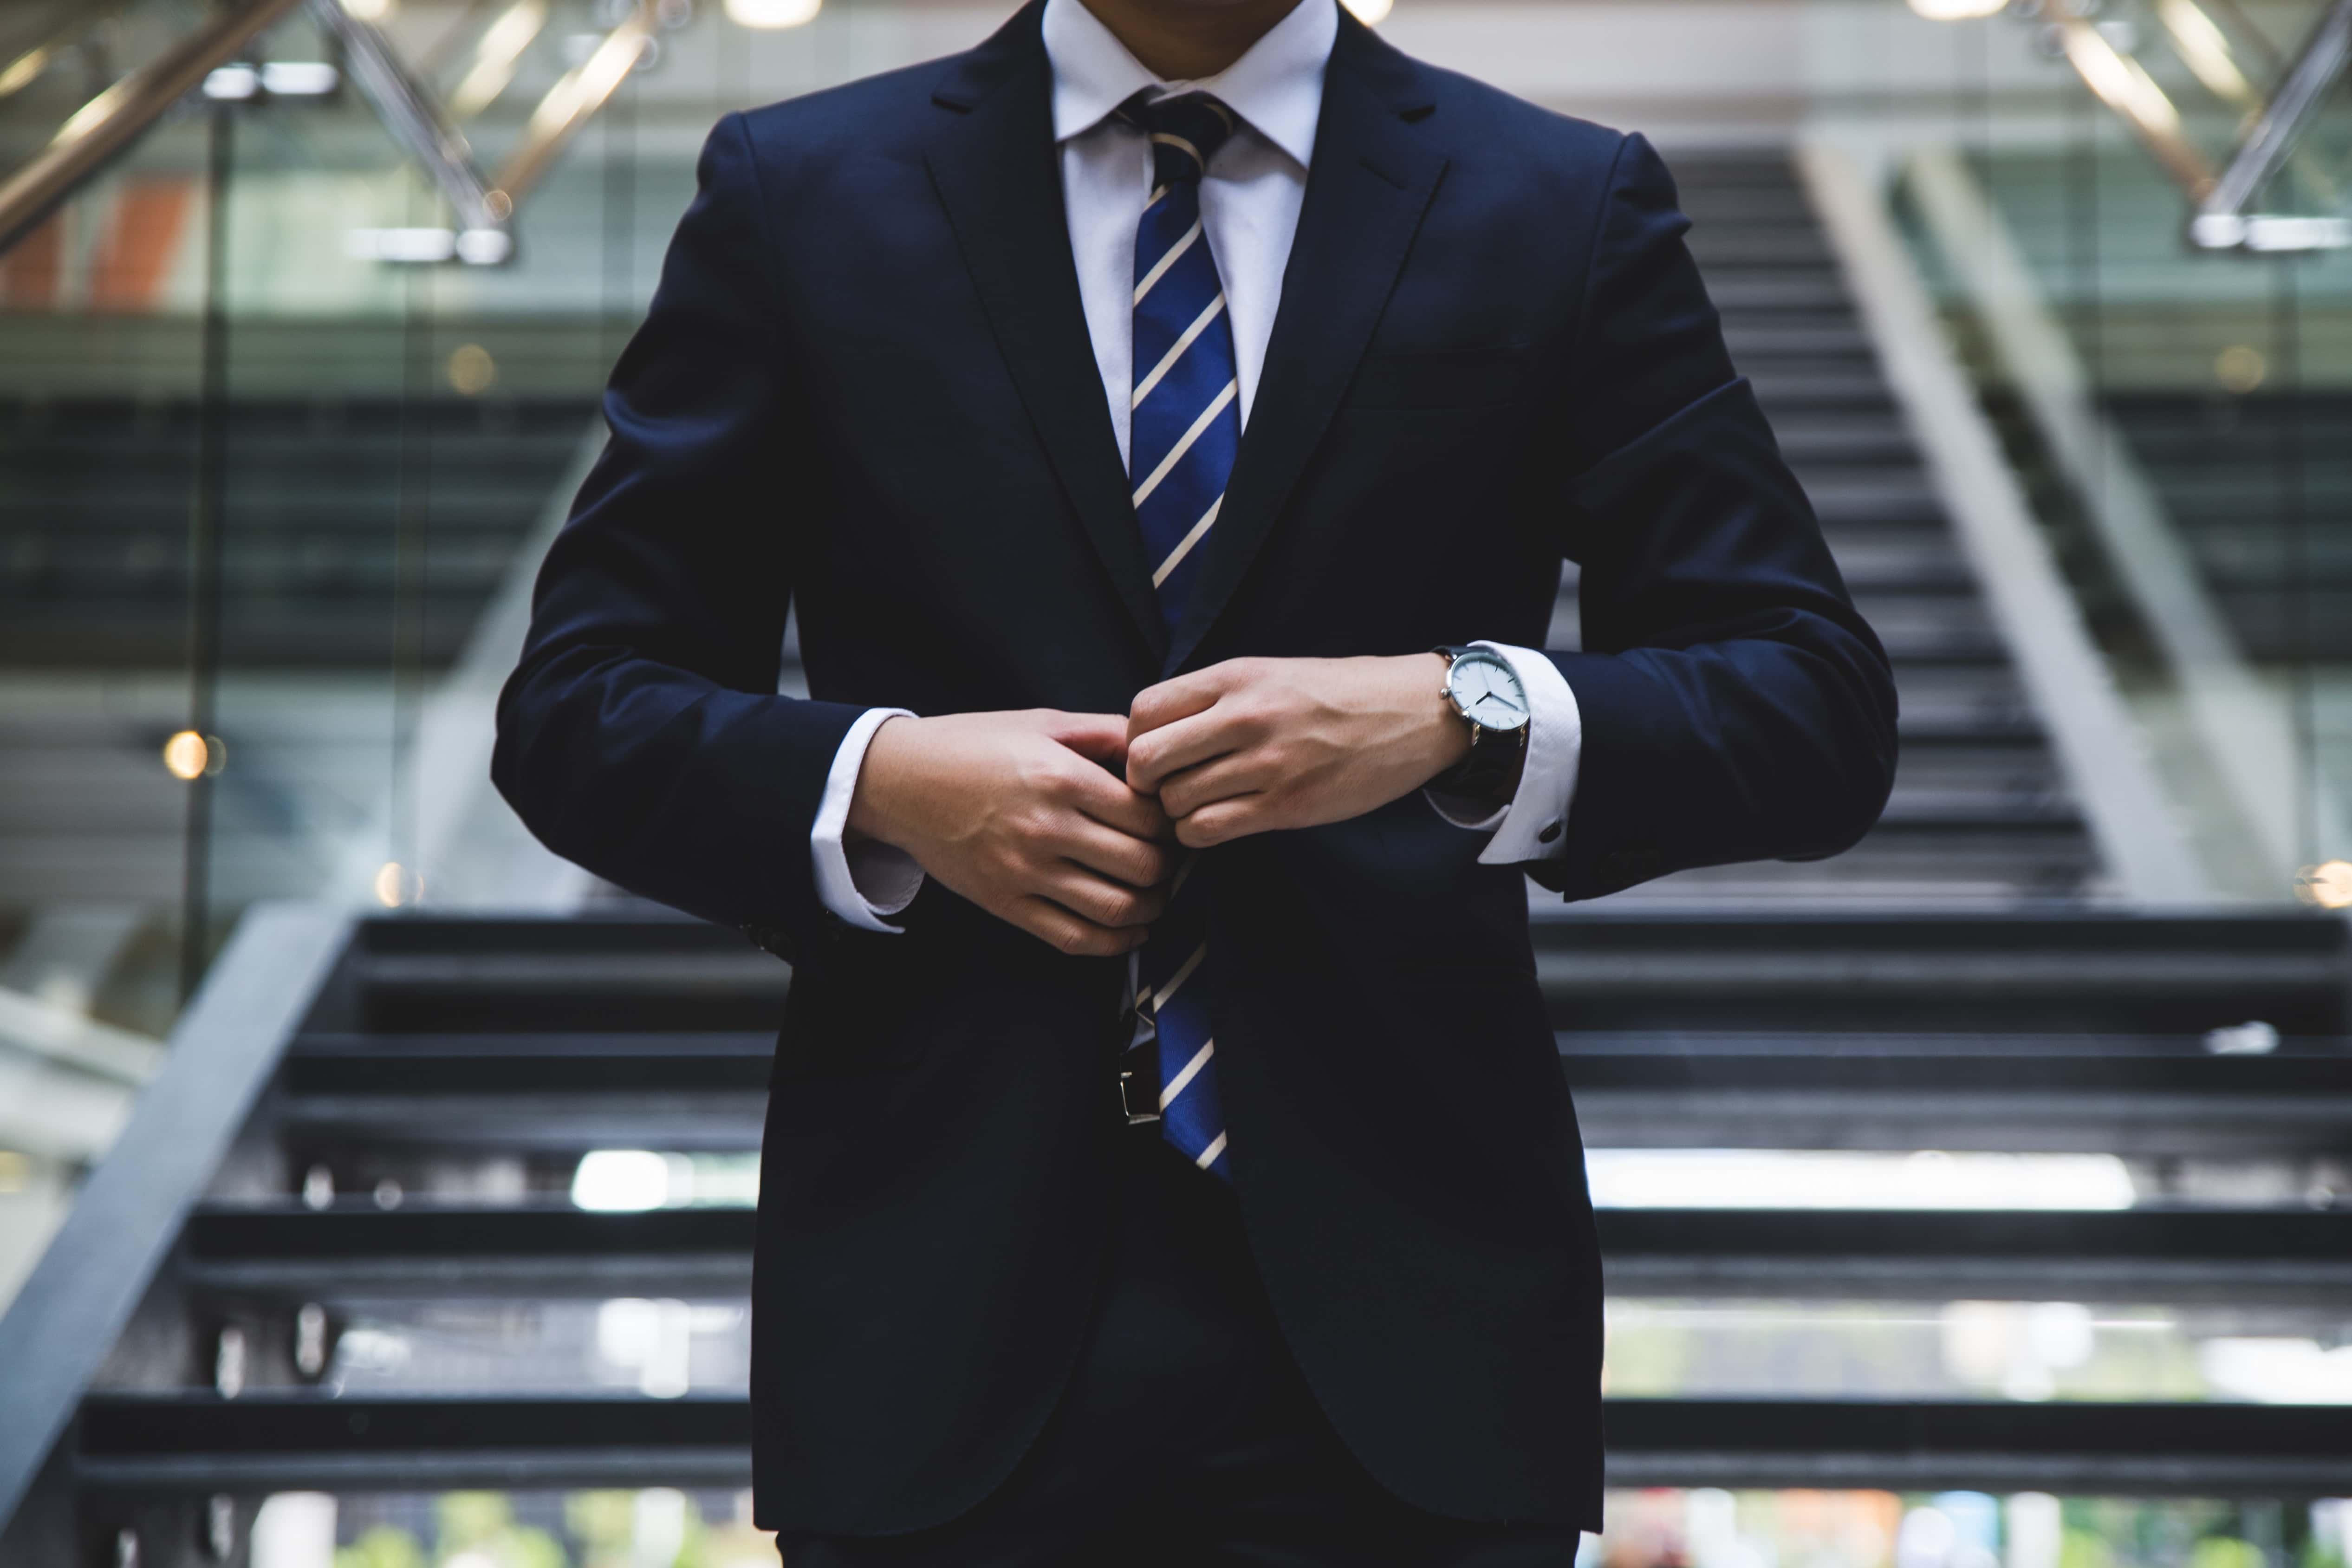 給料の高い仕事に就きたい!平均年収や仕事・職業ごとのオススメを紹介